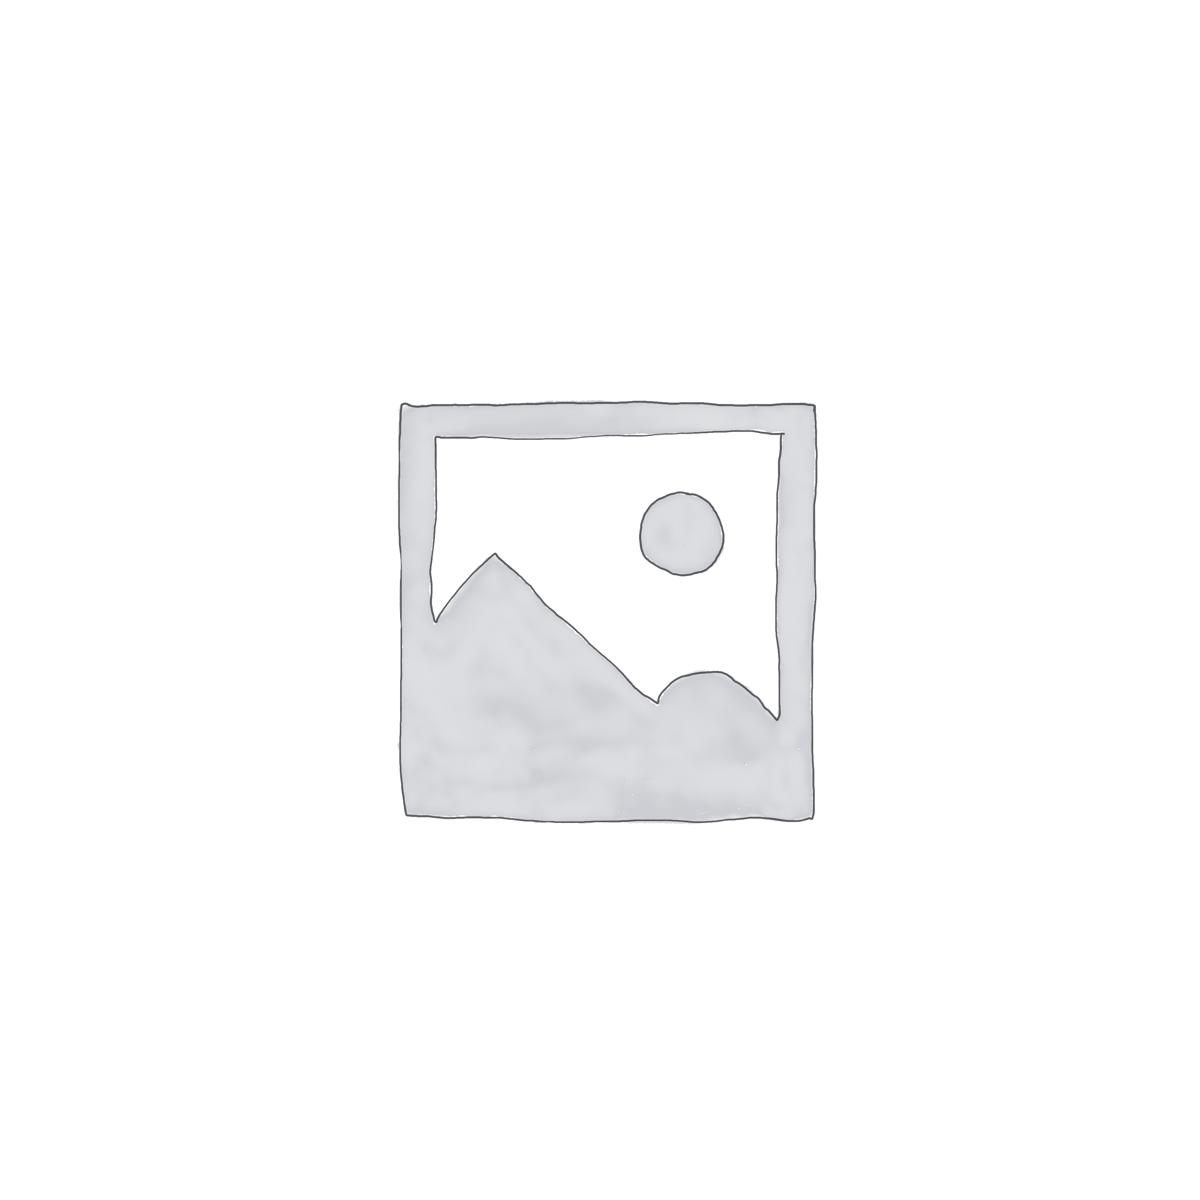 Men Face Pop Art Wallpaper Mural